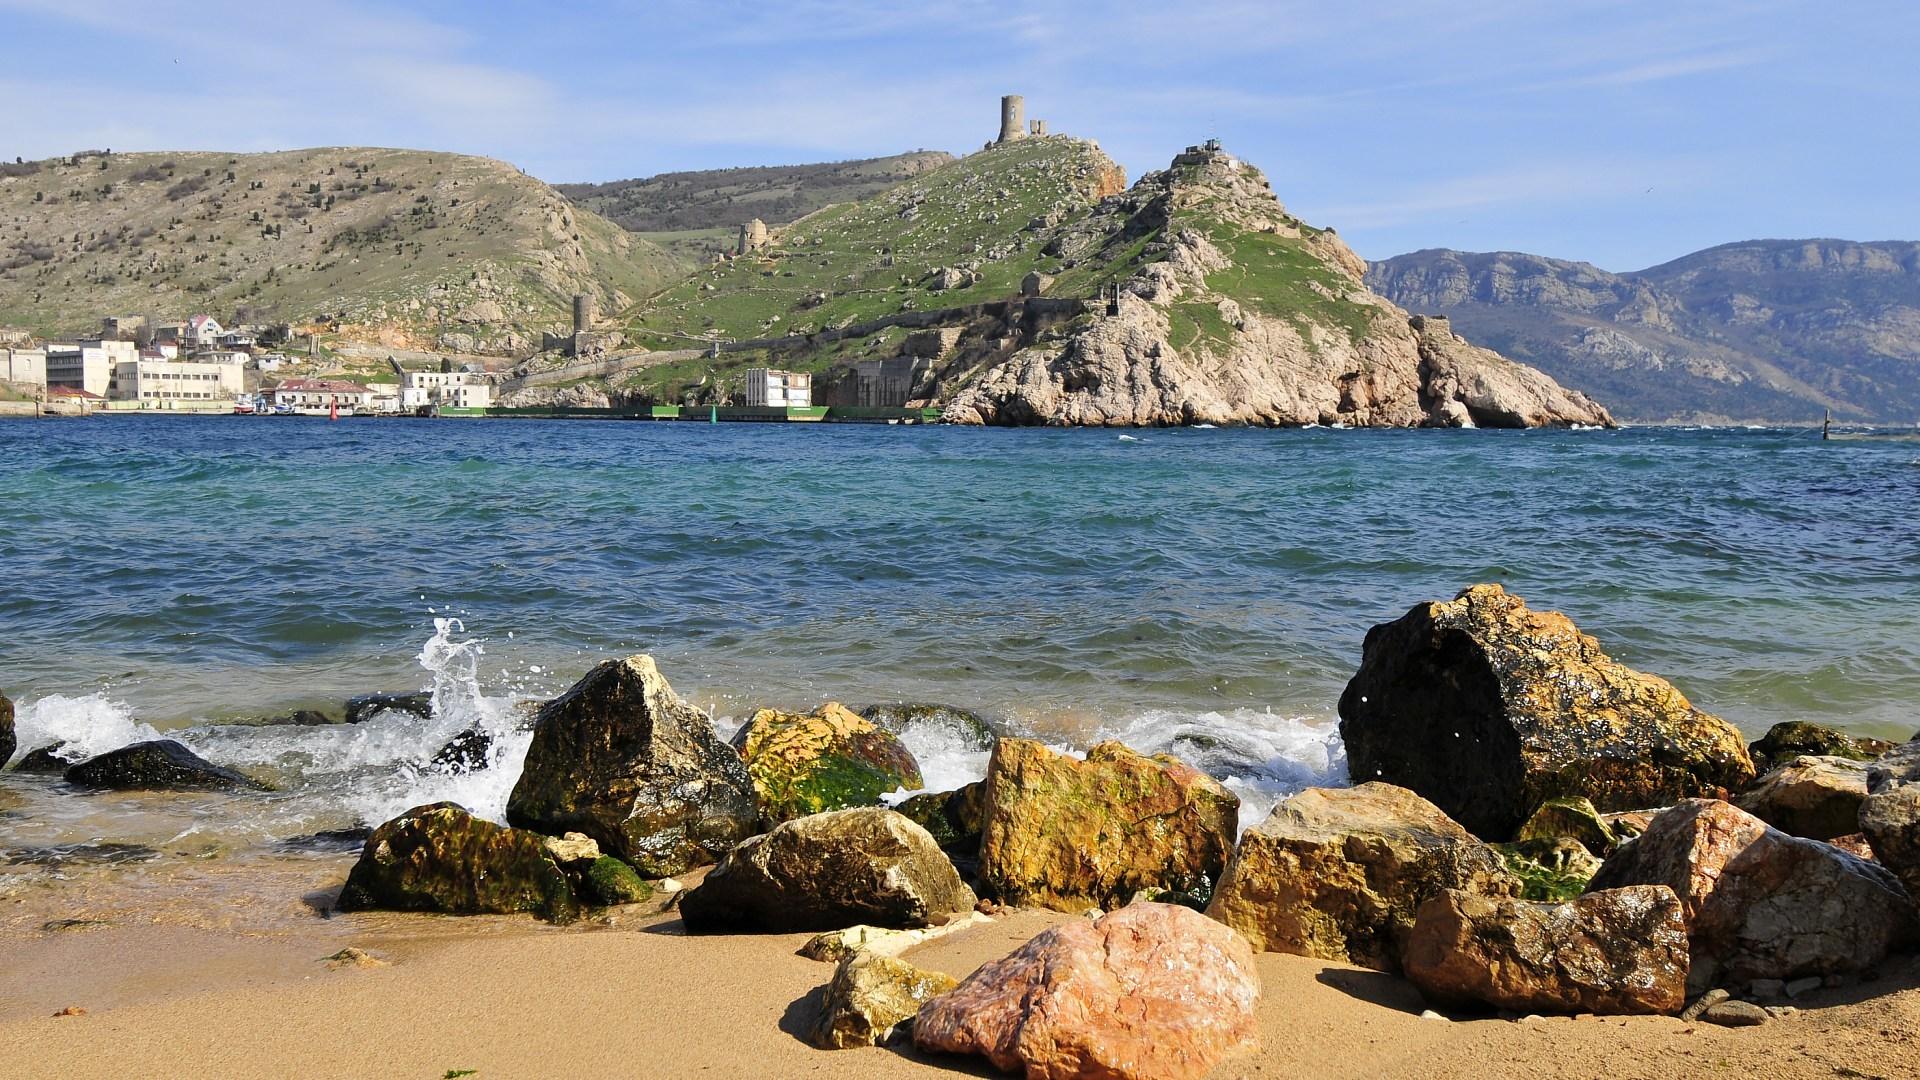 26304 免費下載壁紙 景观, 石, 山, 海, 海滩 屏保和圖片